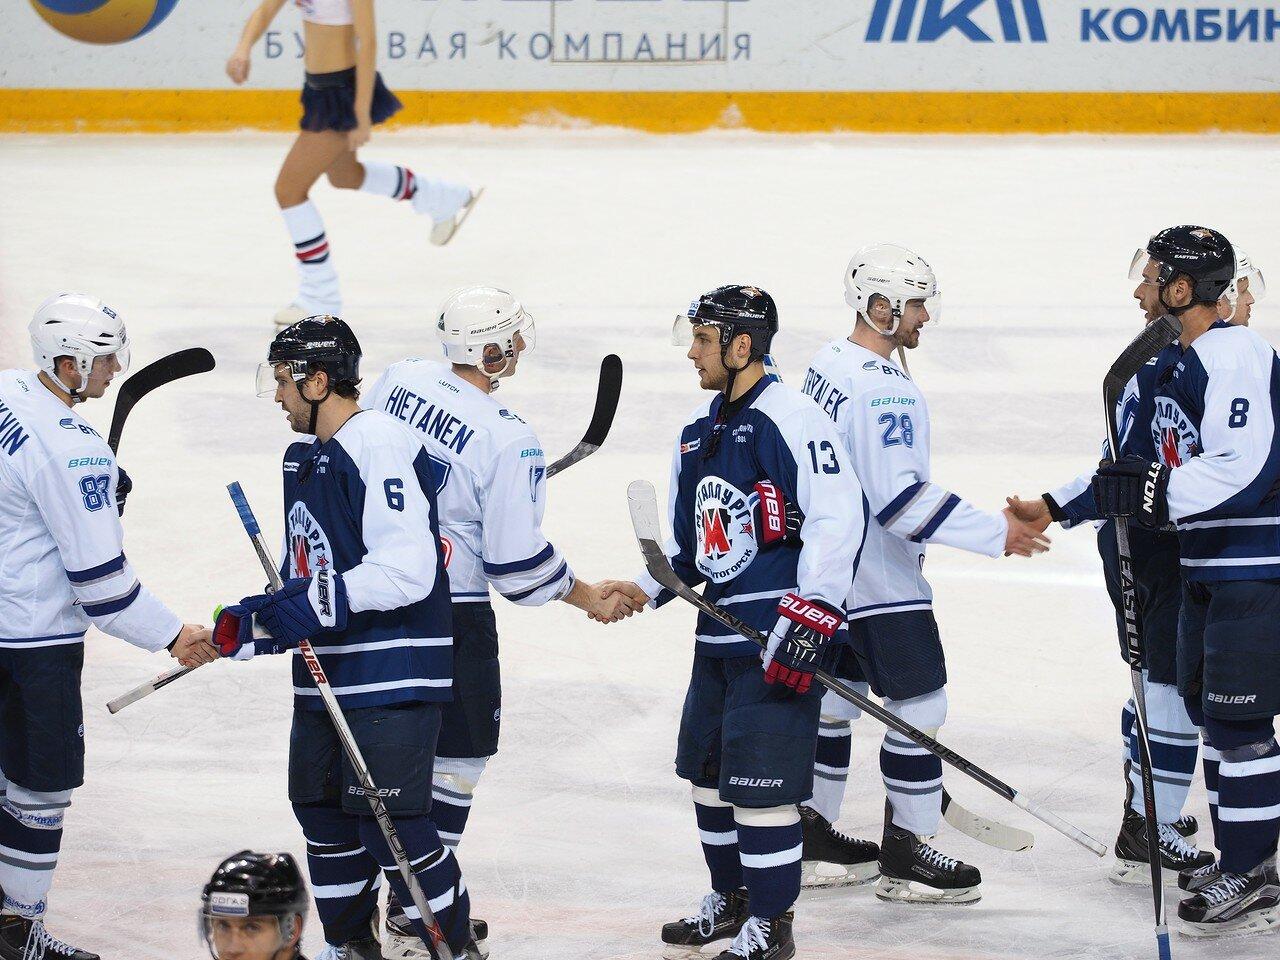 123Металлург - Динамо Москва 28.12.2015